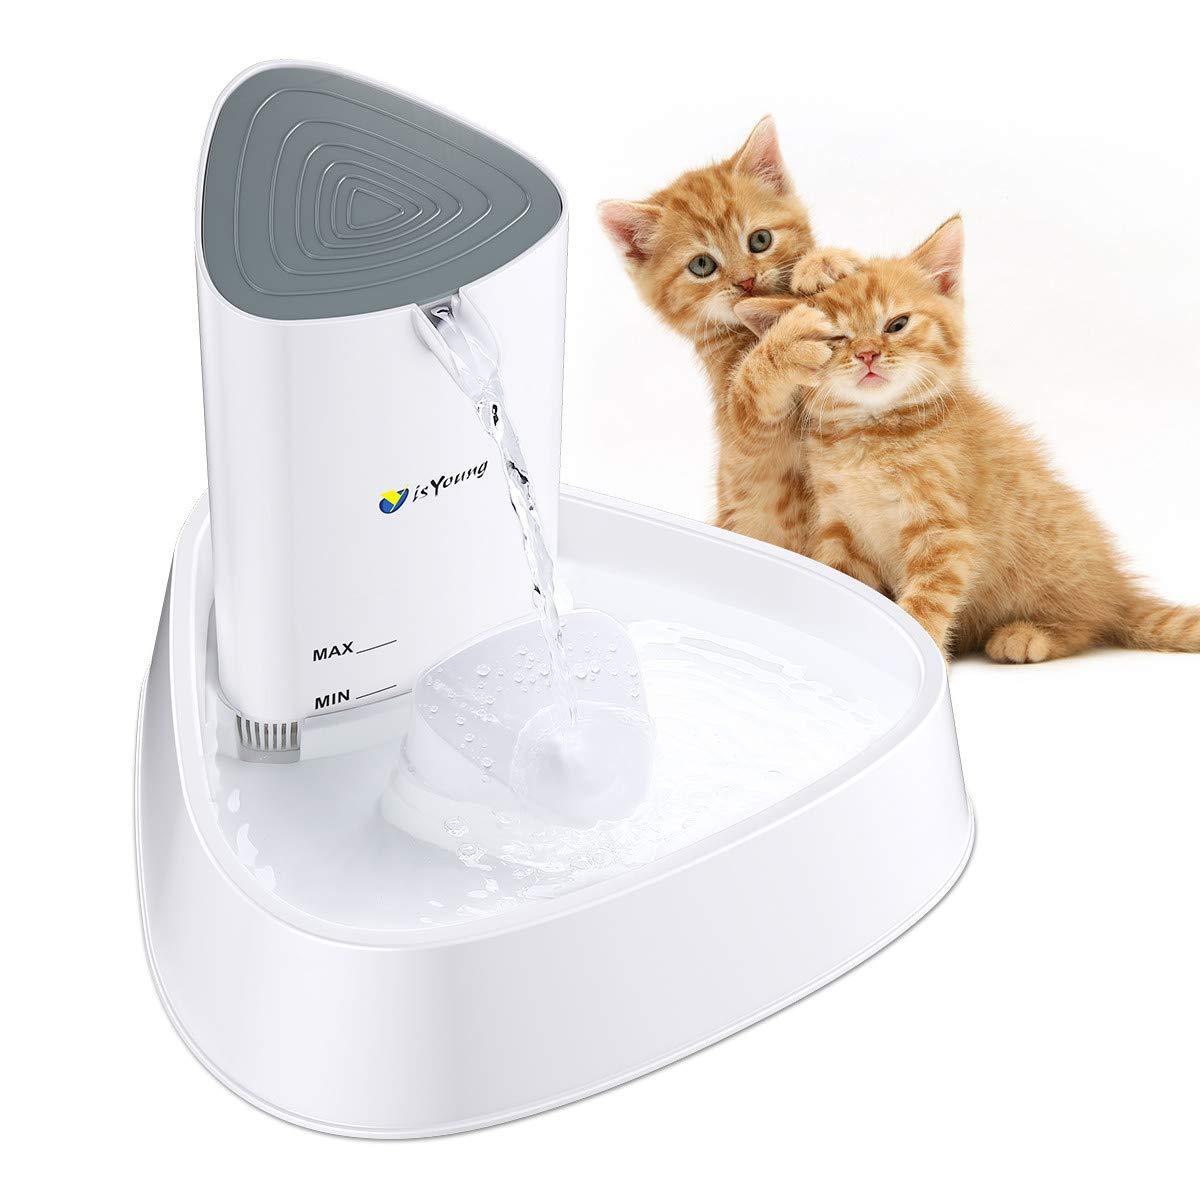 isYoung Fuente de Agua Gatos y Perros Dispensador de Agua Automático para Mascotas Bebedero Silencioso 1.5